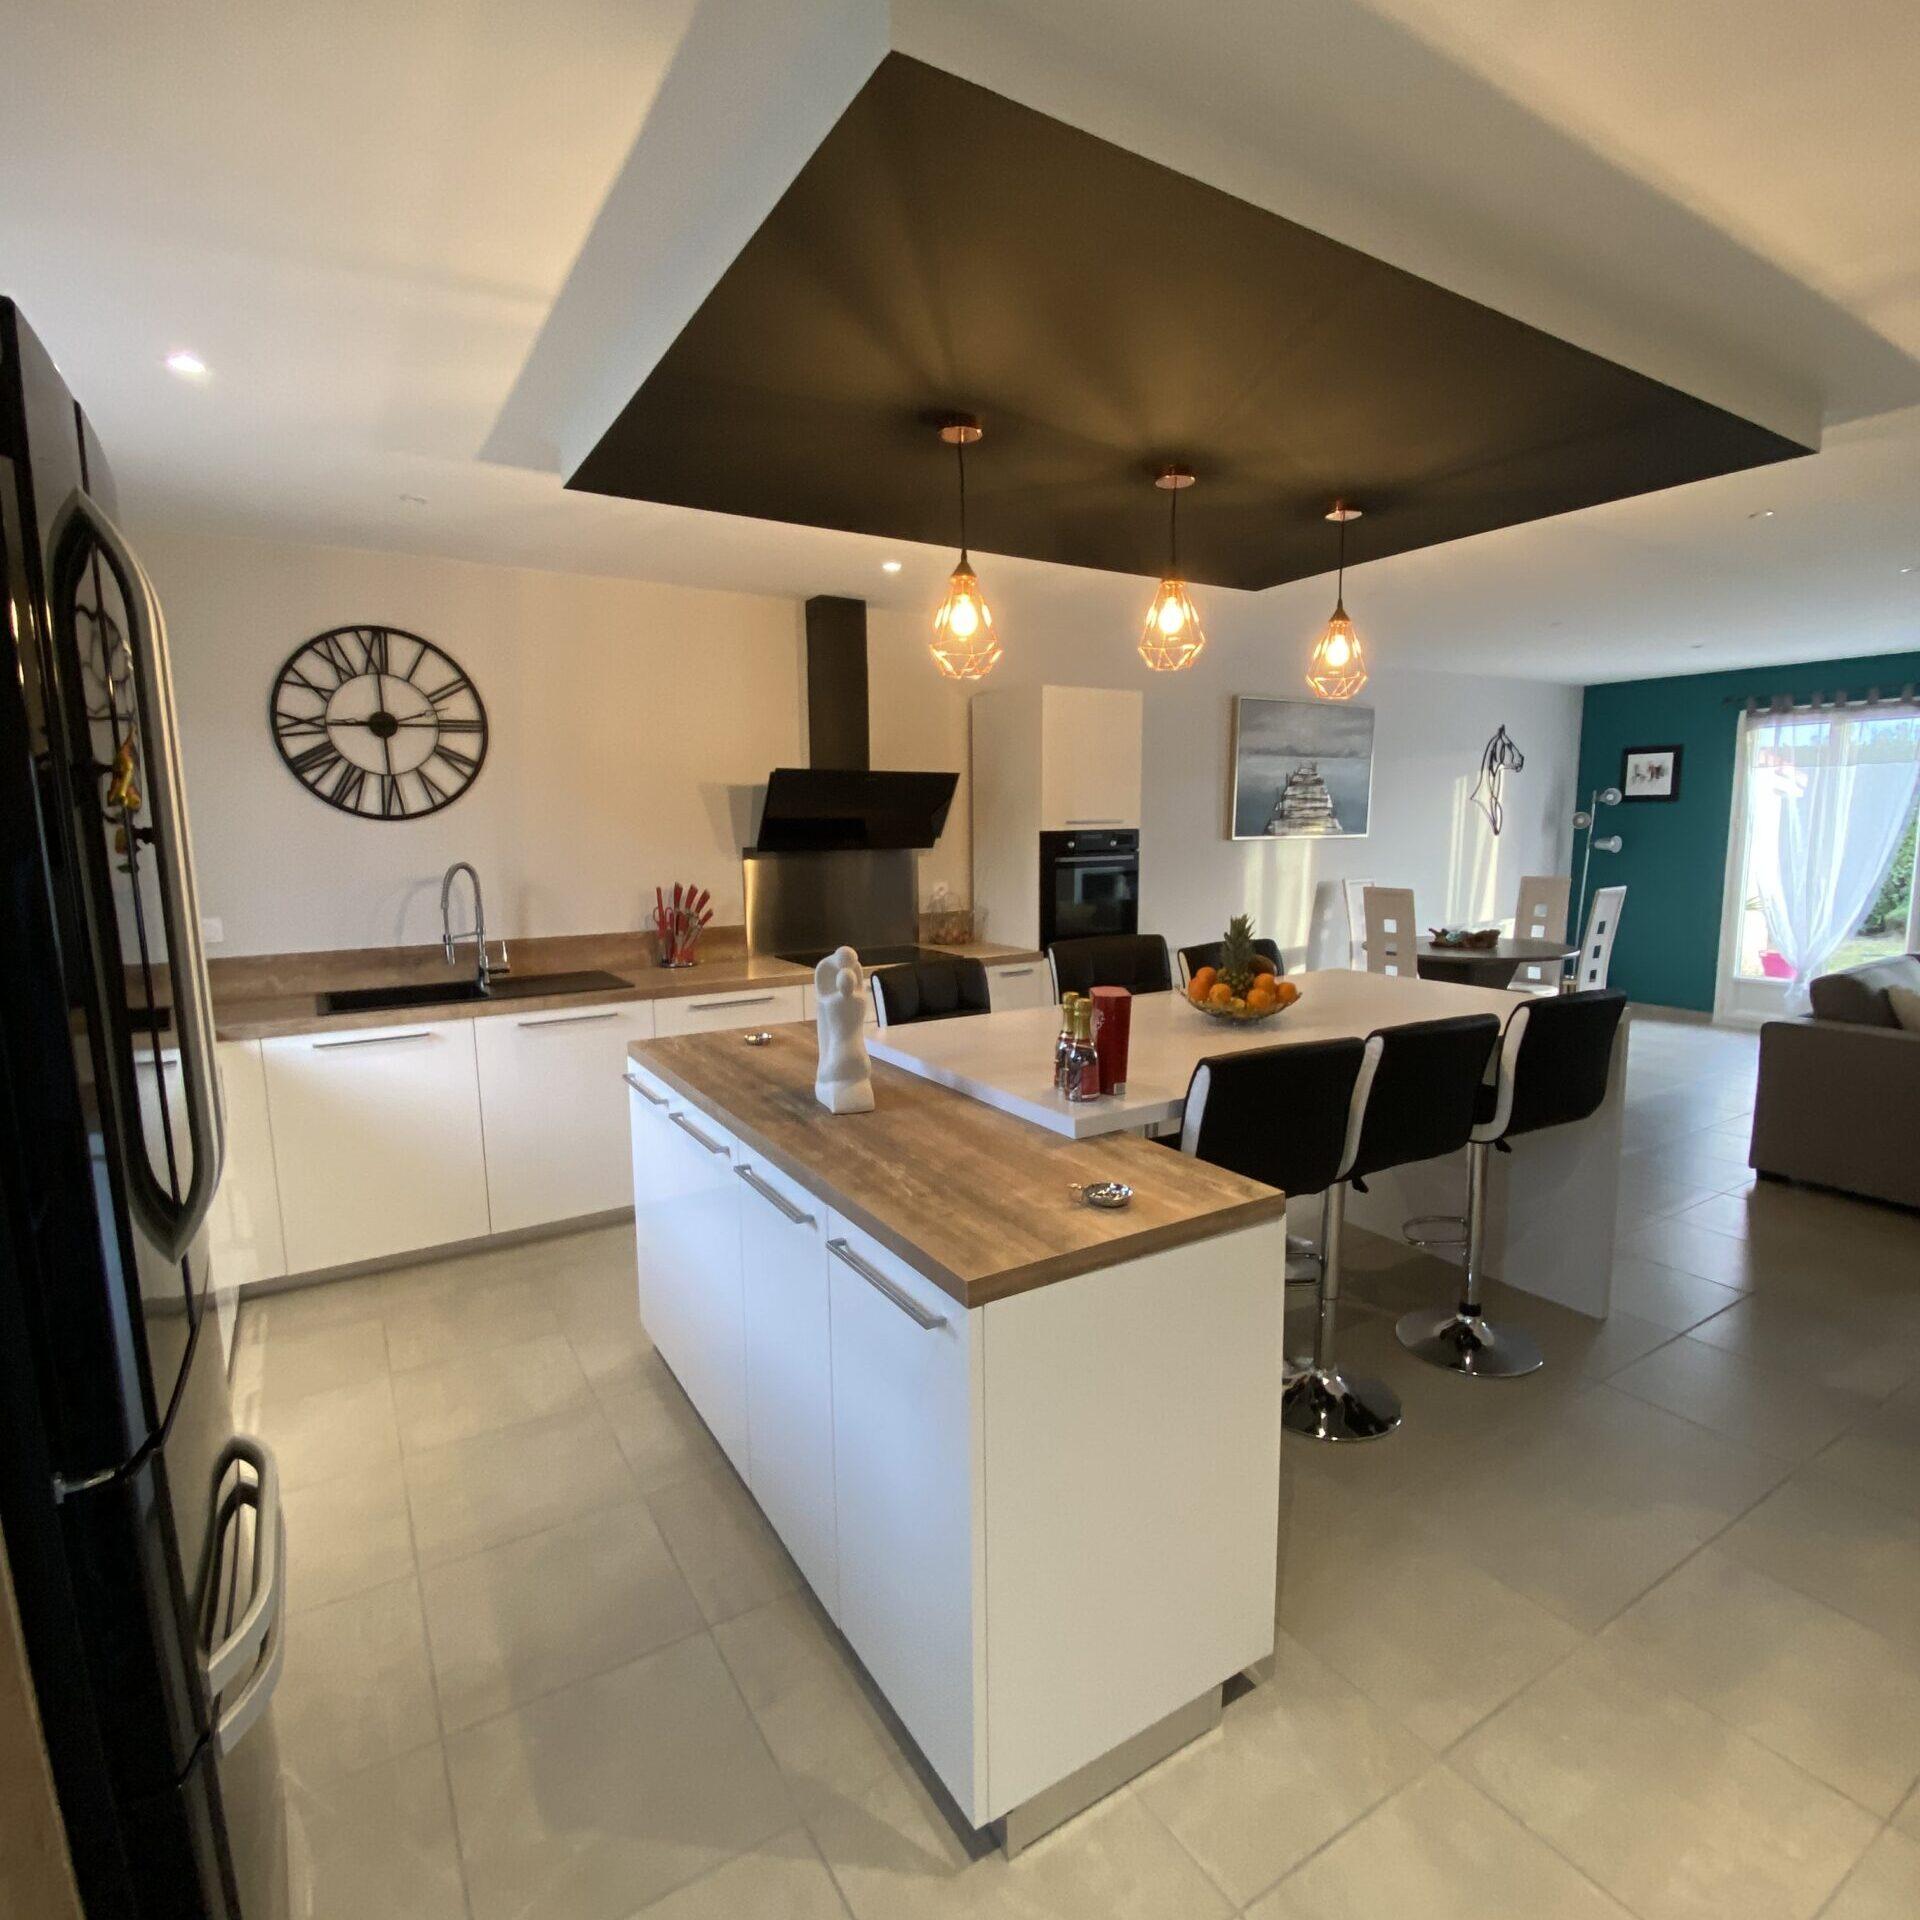 Rénovation d'espace cuisine à Saint-Etienne (42)